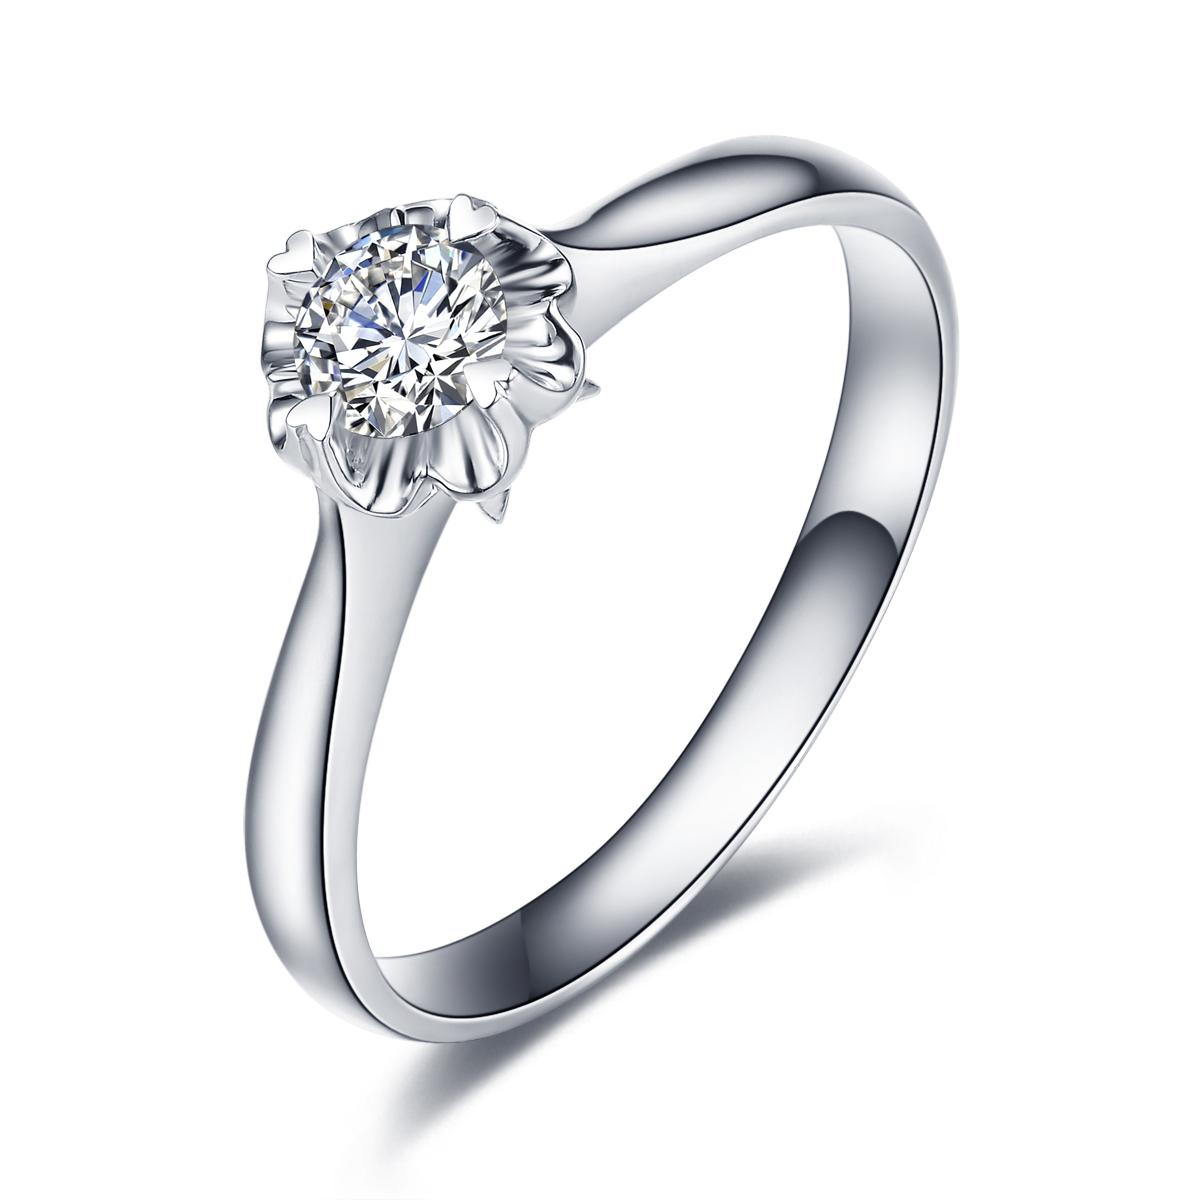 钻石鉴定 钻石鉴定标准